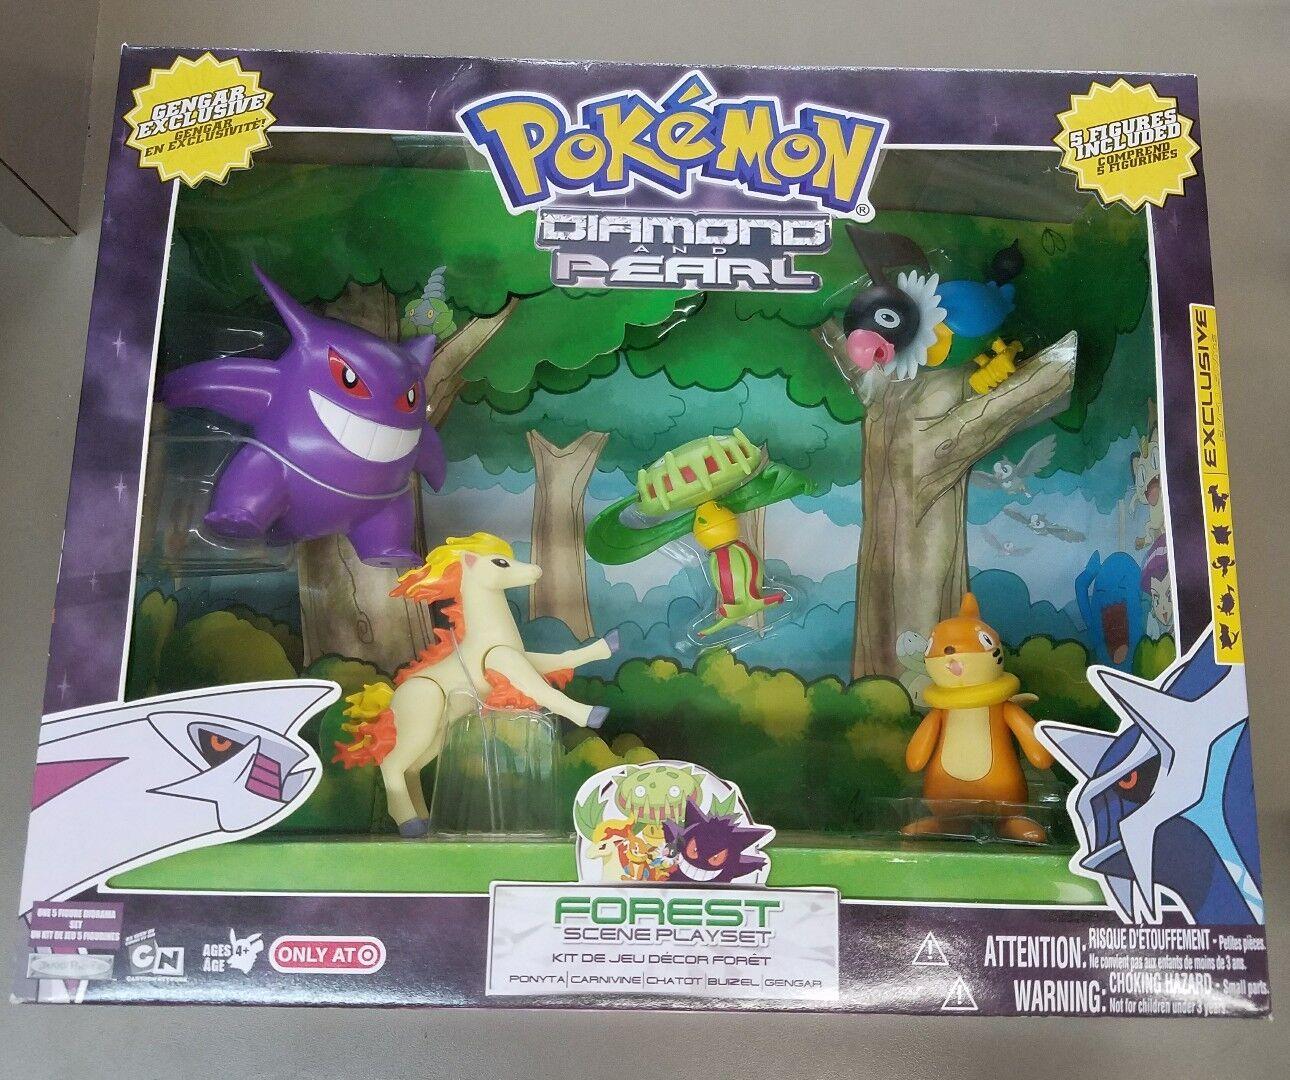 Pokemon Pokemon Pokemon Diamond and Pearl Forest Scene Playset  2007 JAKKS Target exclusive 25ebf1